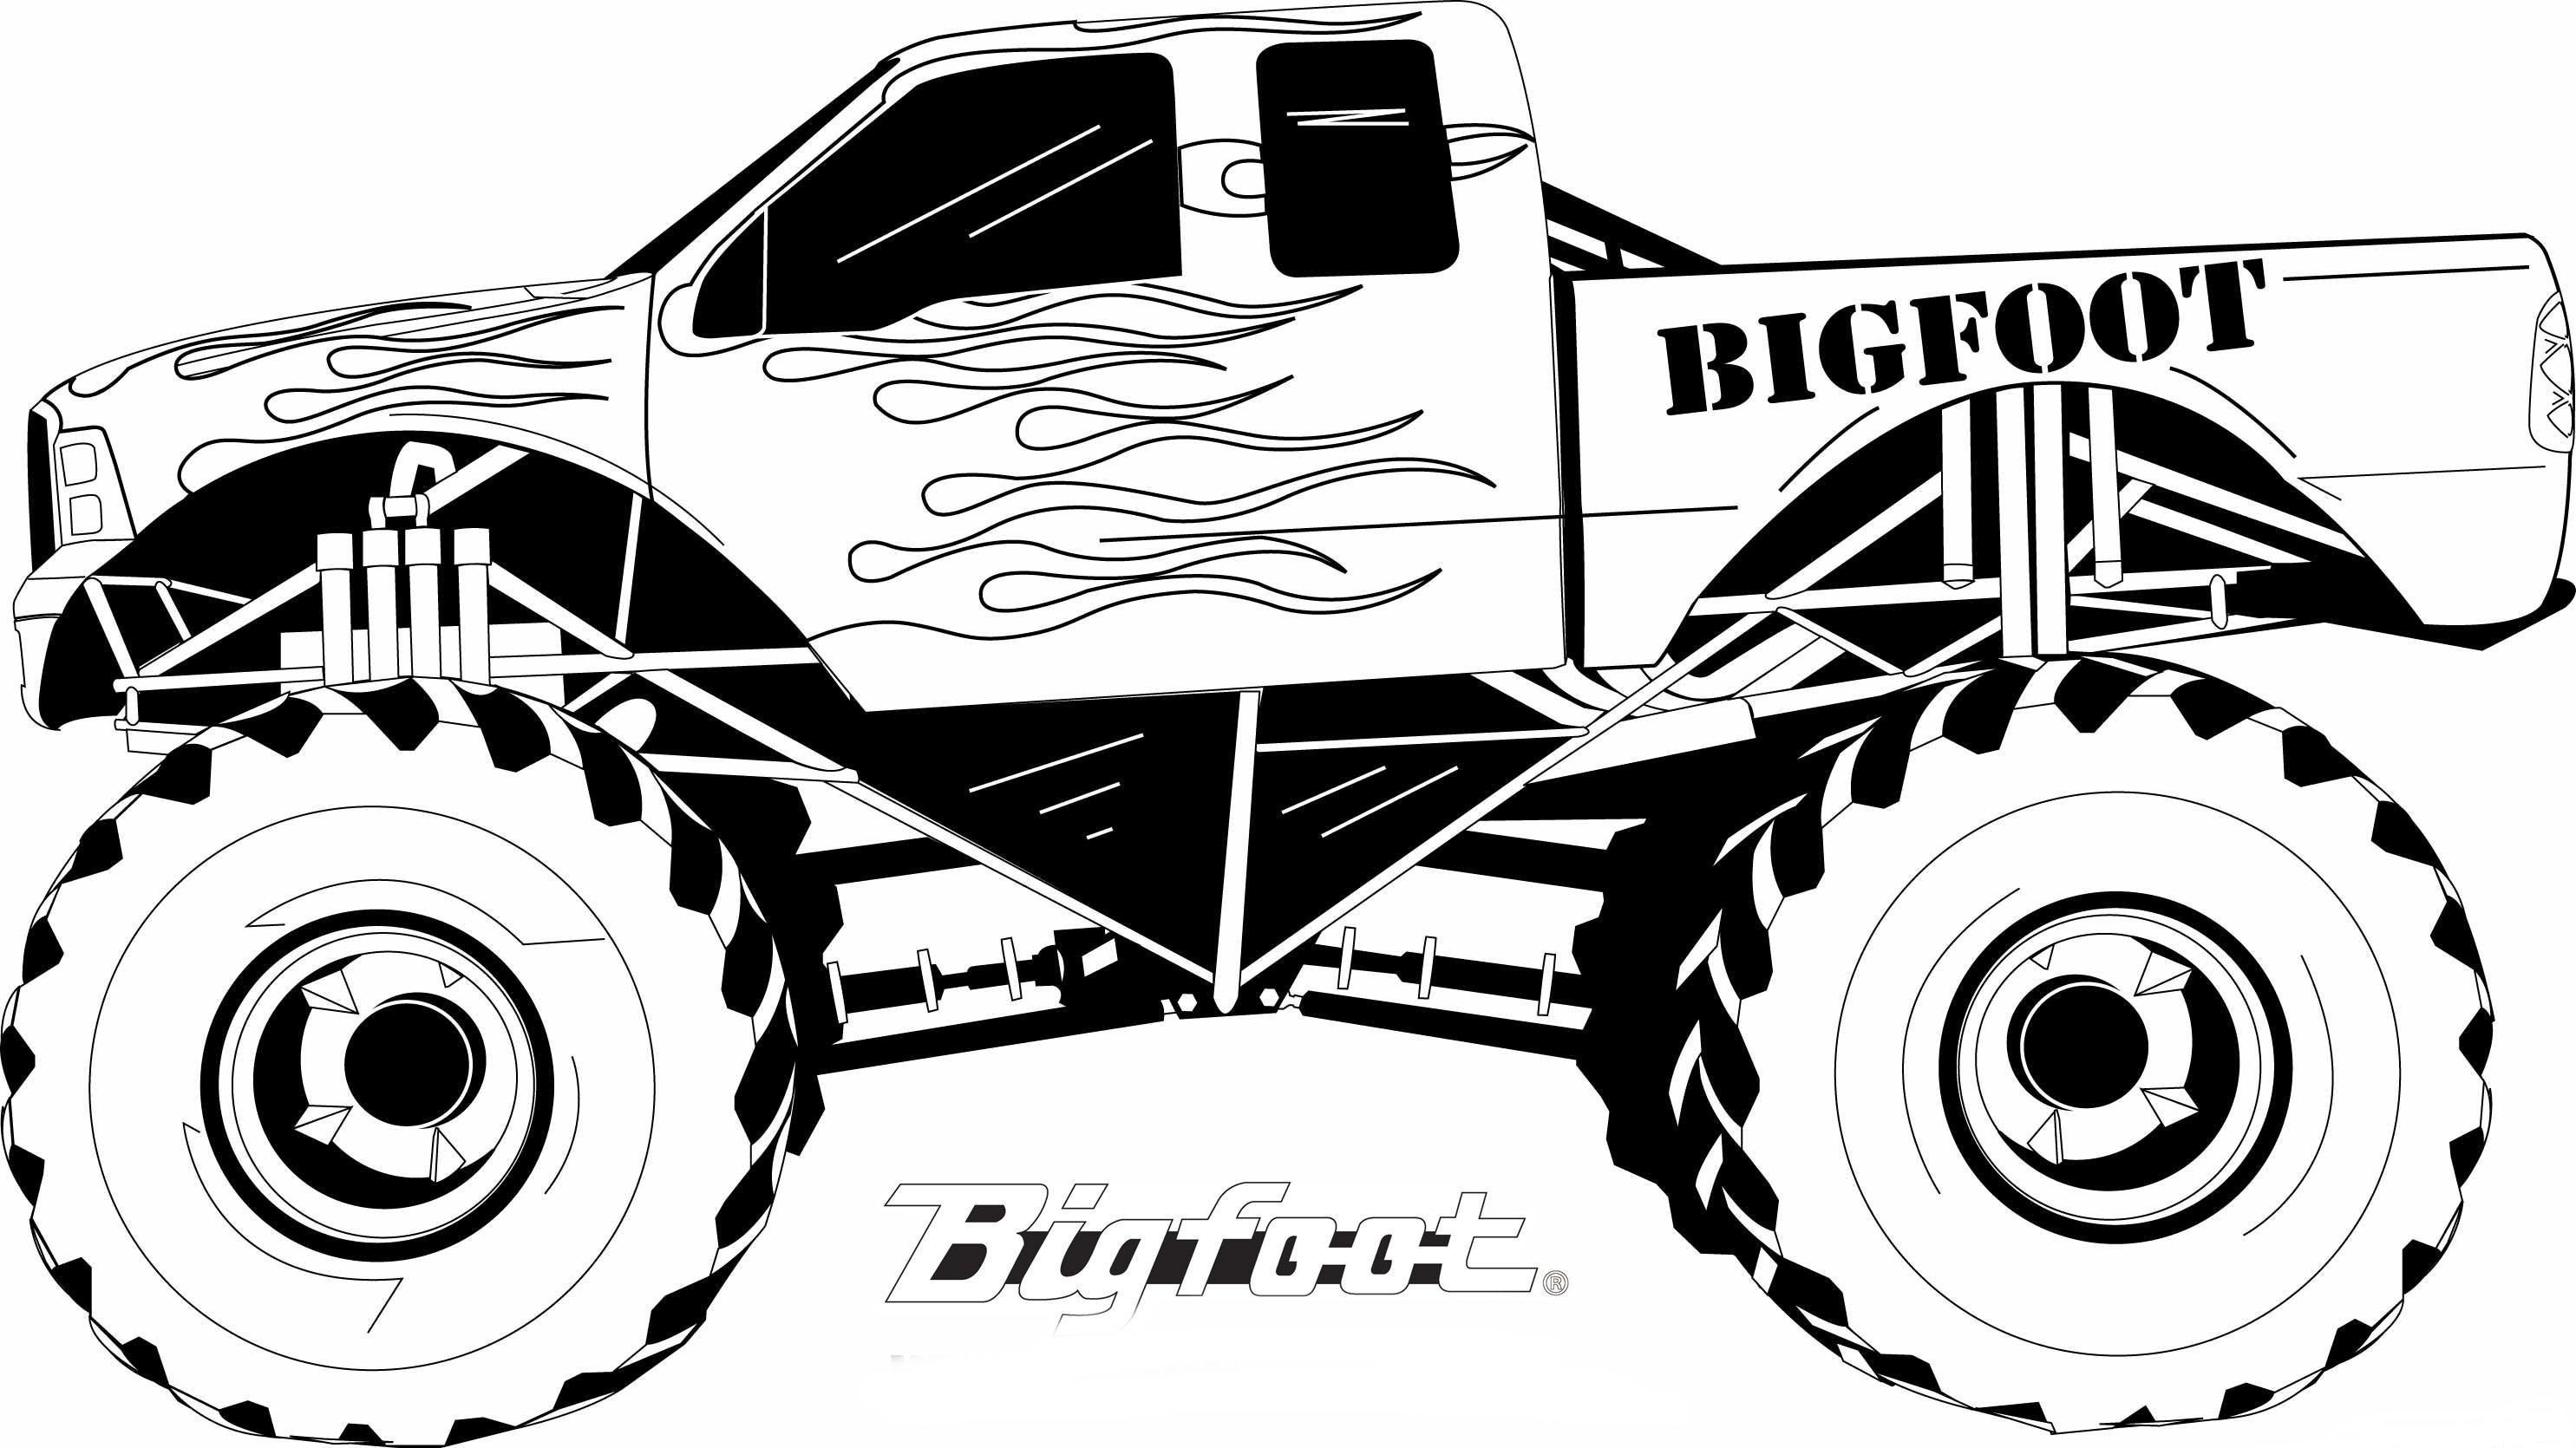 Famous Monster Truck Bigfoot Coloring Page Free Coloring Pages Online Famous Monster Truck Monster Truck Kleurplaten Truck